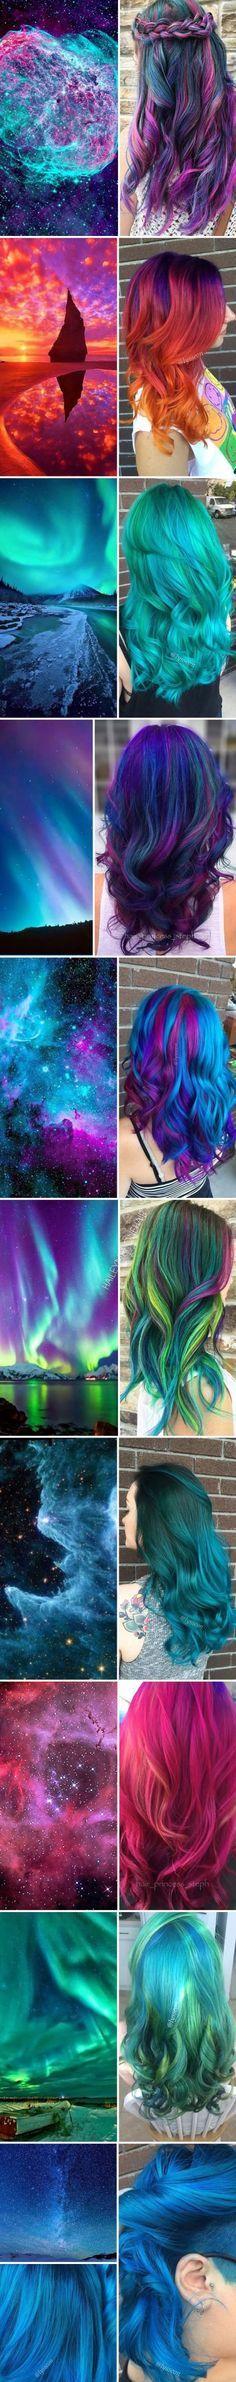 Diese Haare sind aus einer anderen Galaxie